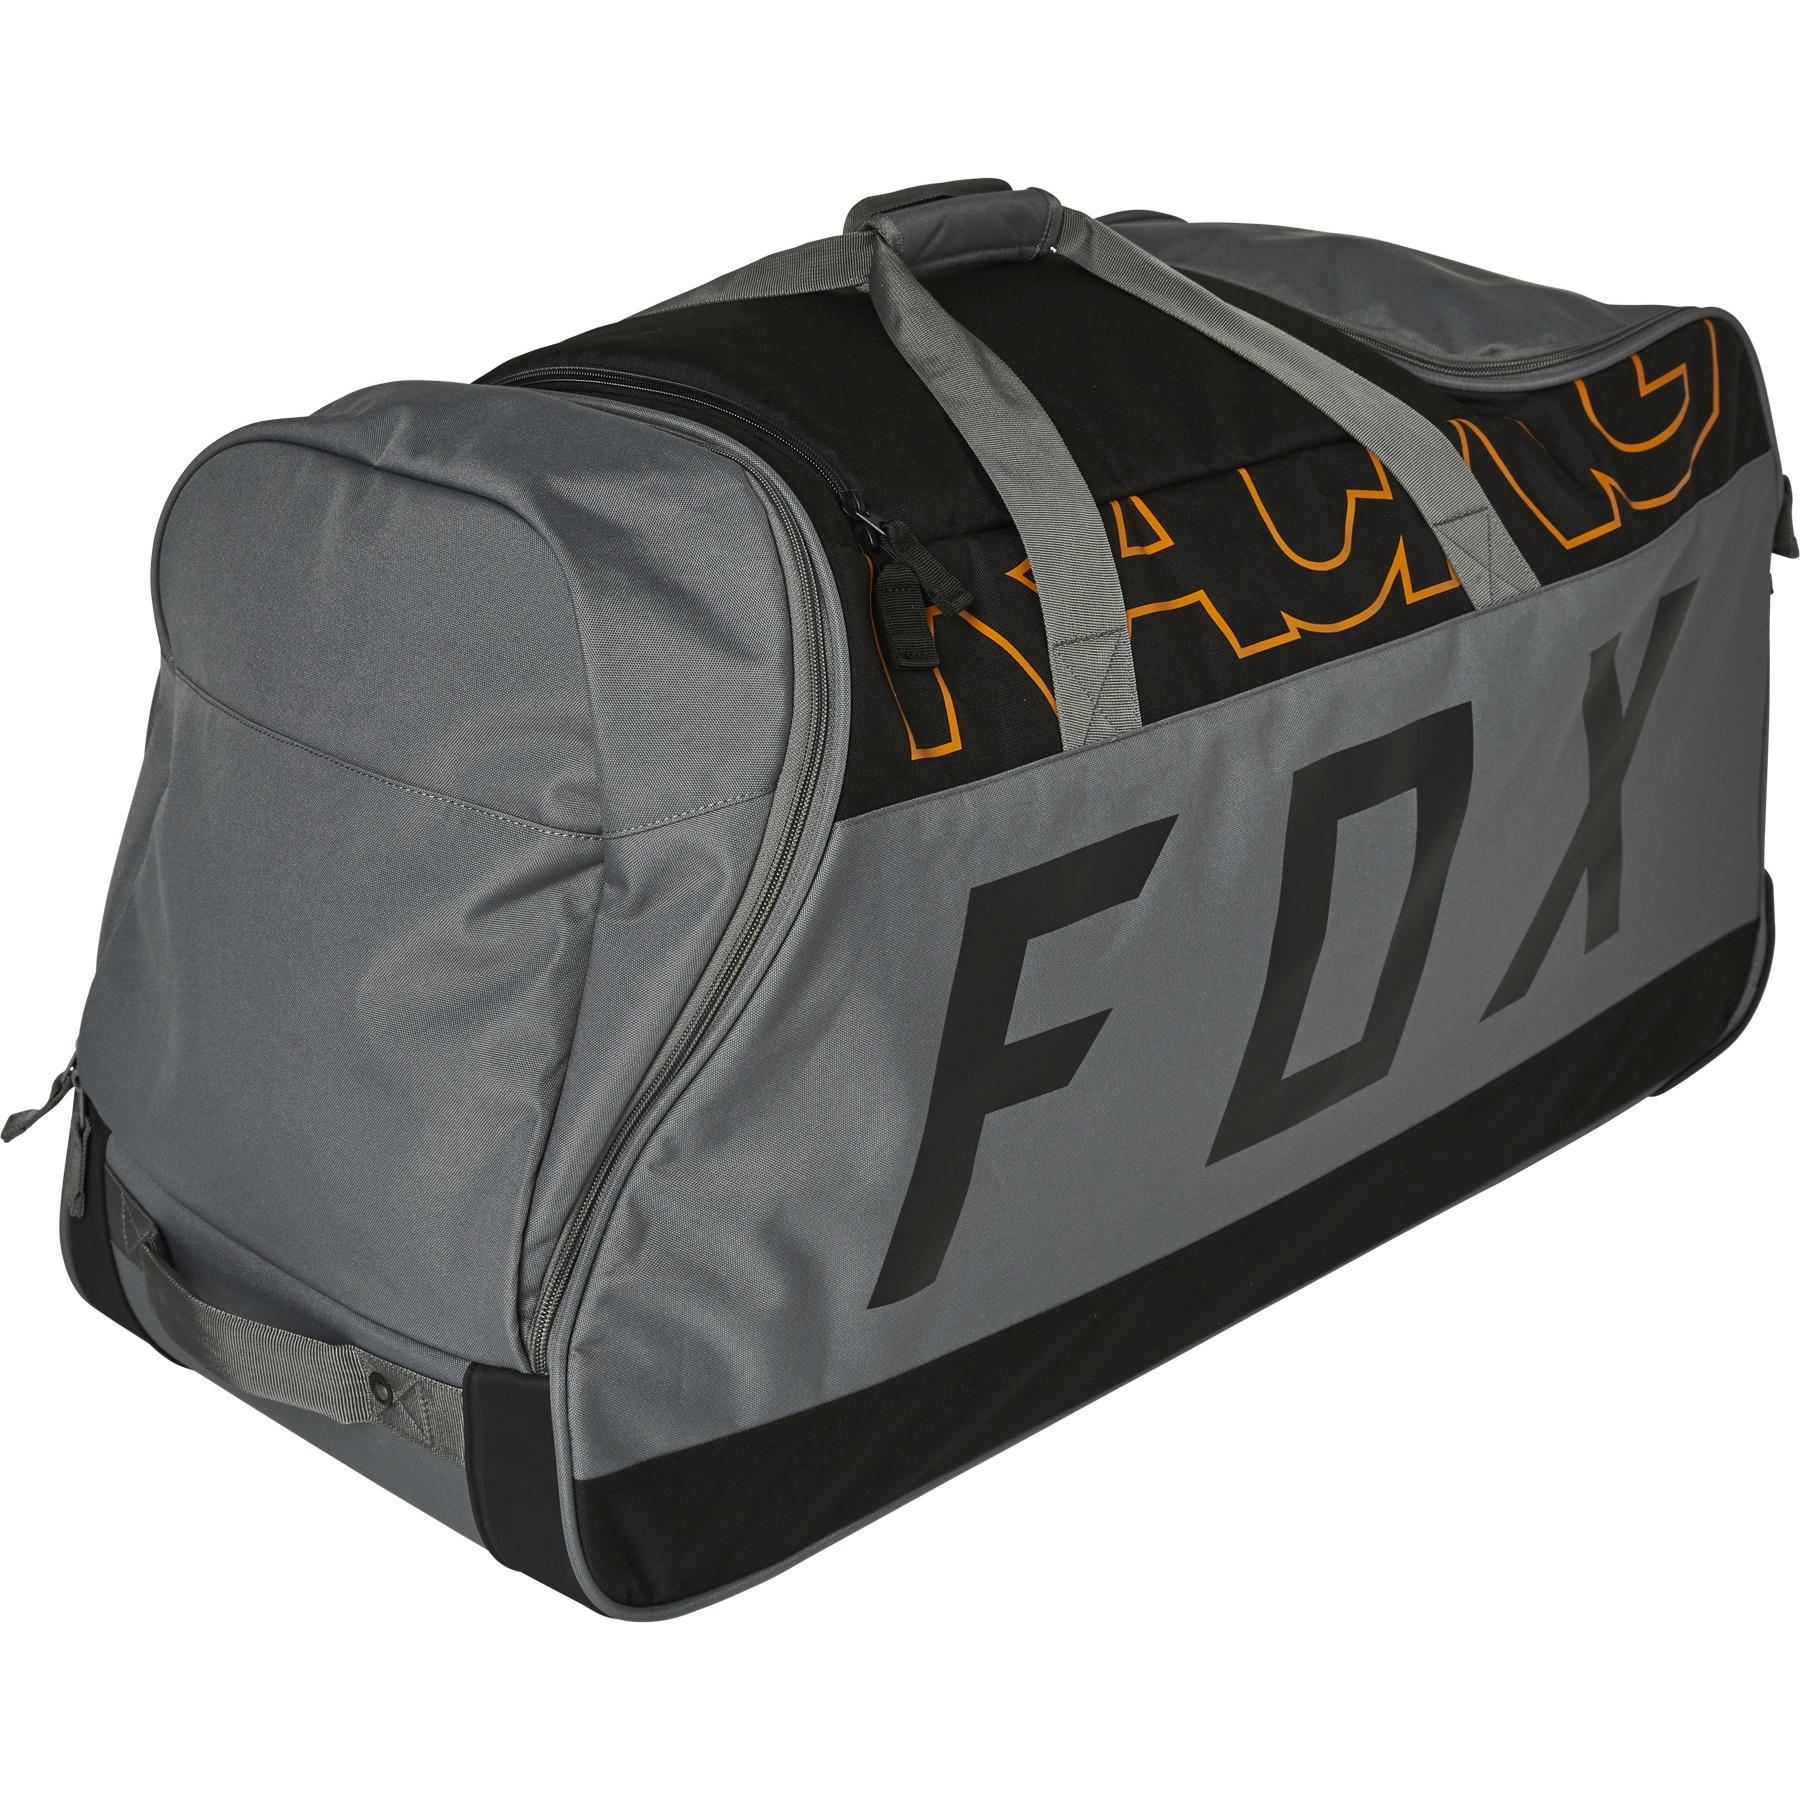 Fox 2022 Skew Shuttle 180 Black/Gold Roller Bag